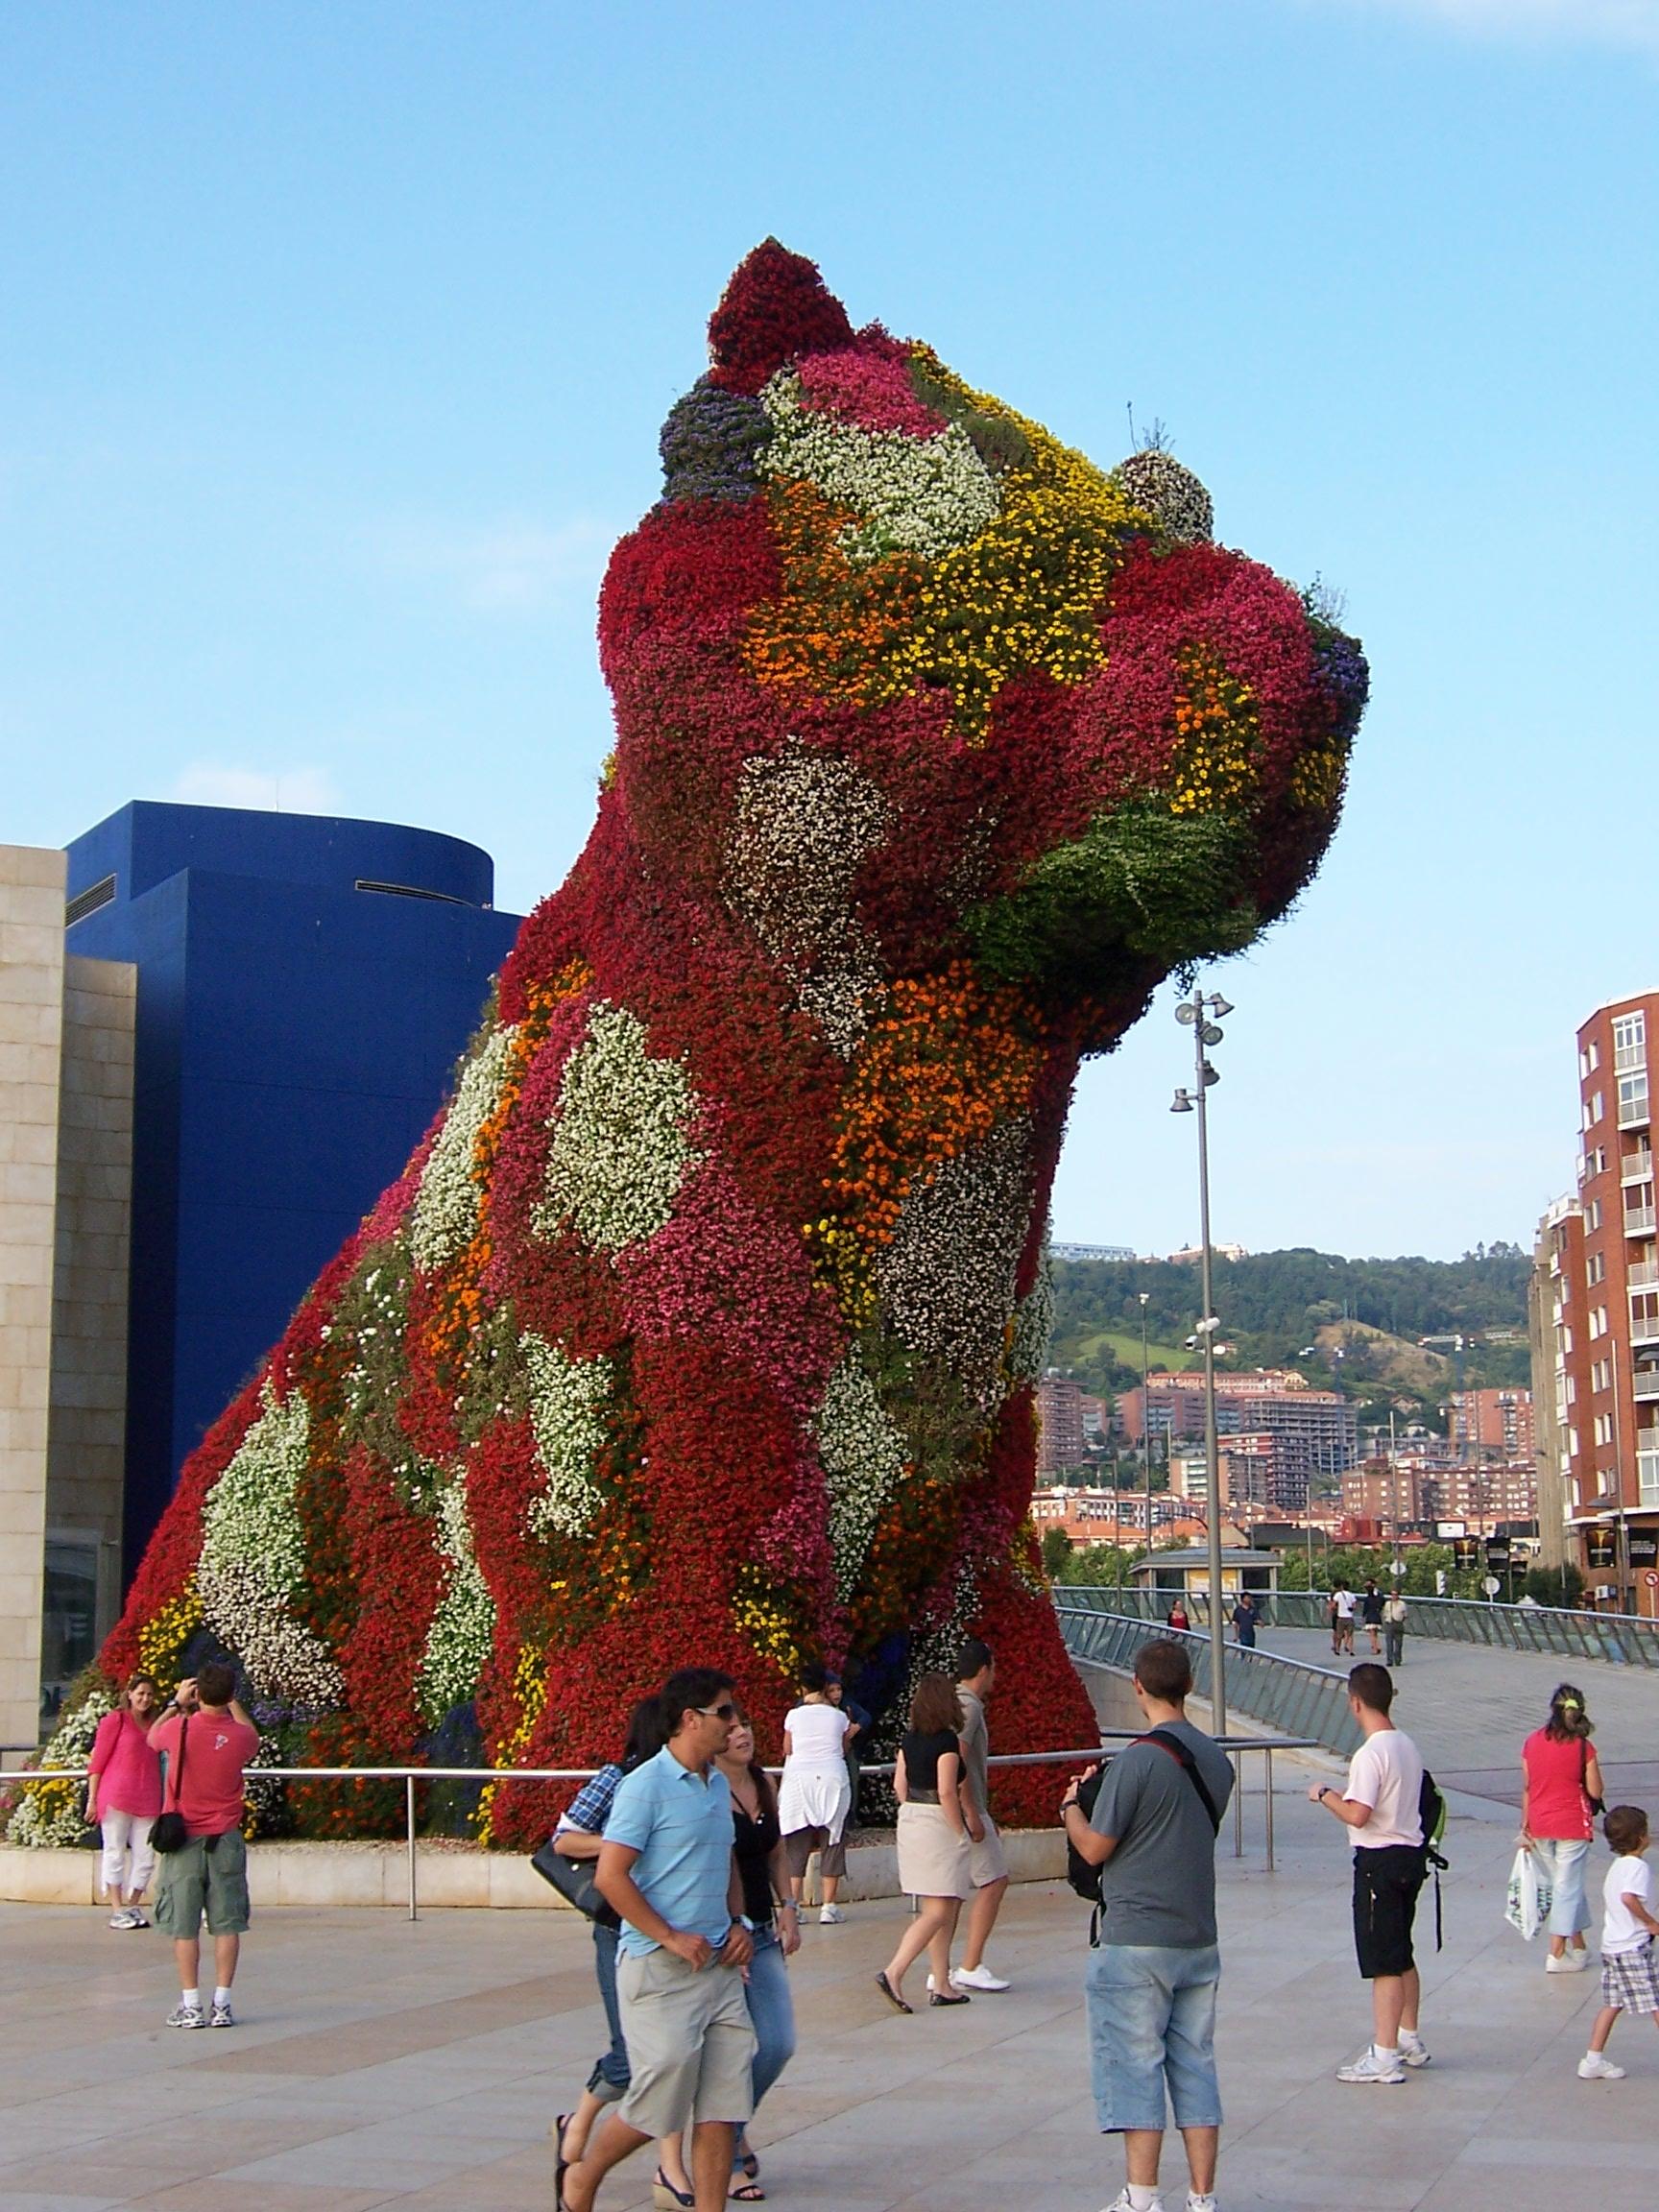 Vor dem Guggenheim-Museum in Bilbao